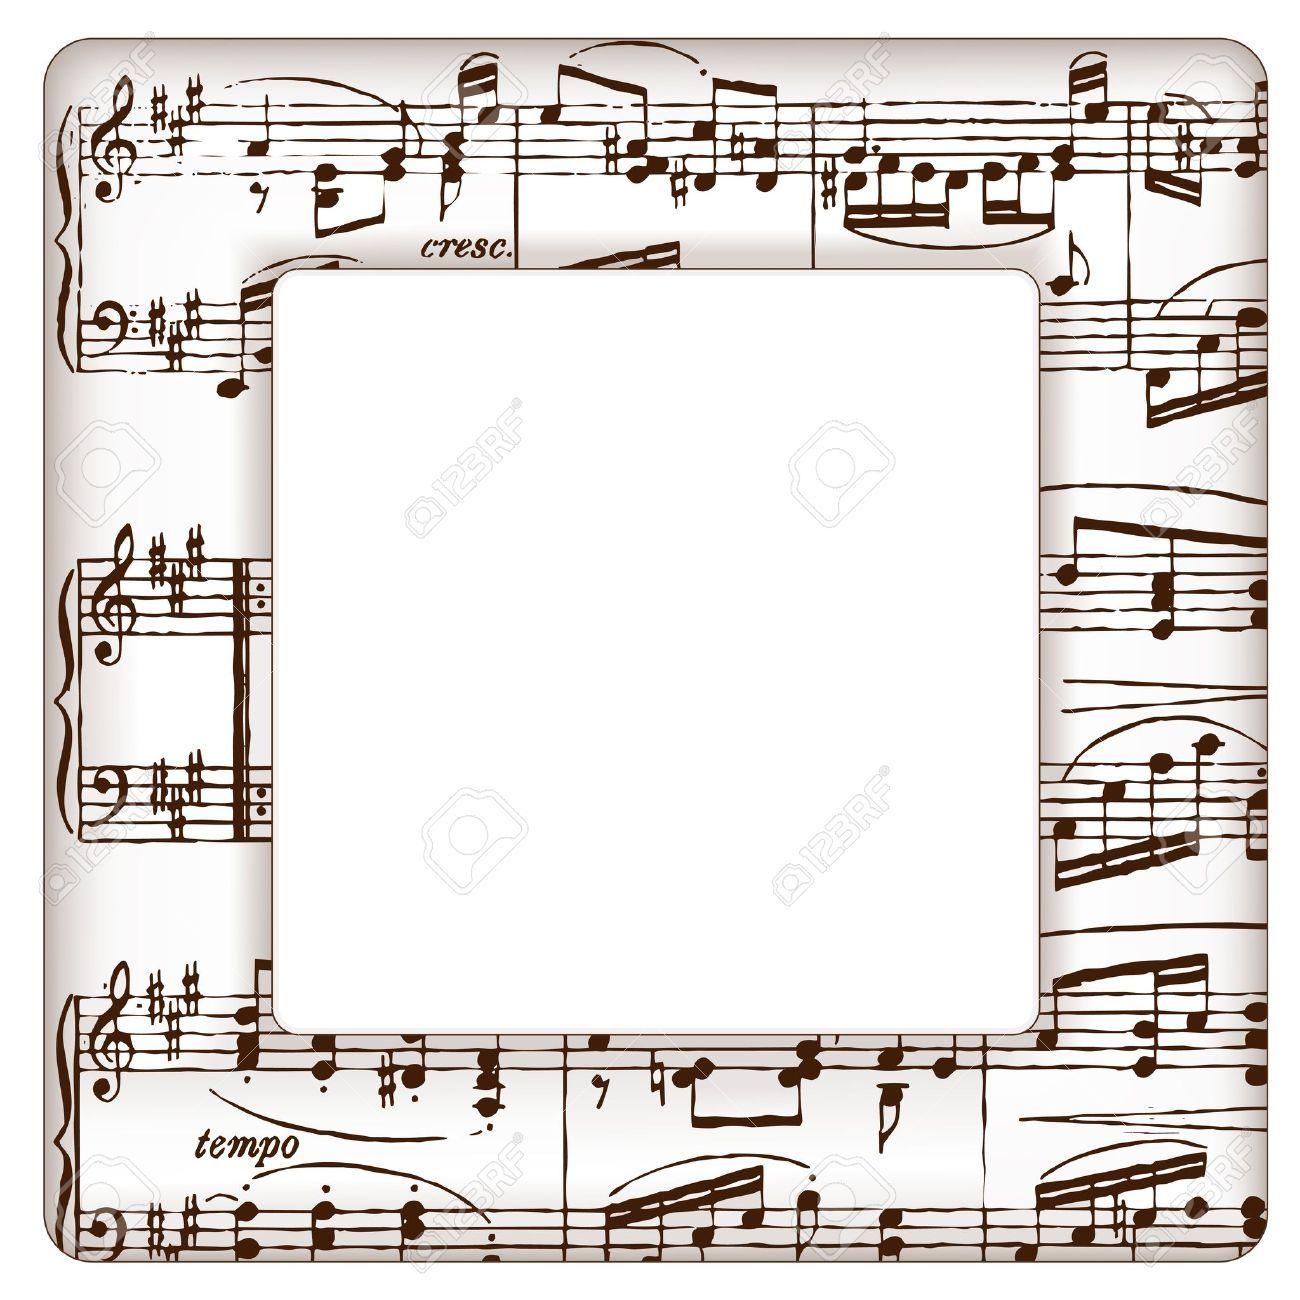 Marcos Con Notas Musicales Imágenes De Archivo, Vectores, Marcos ...